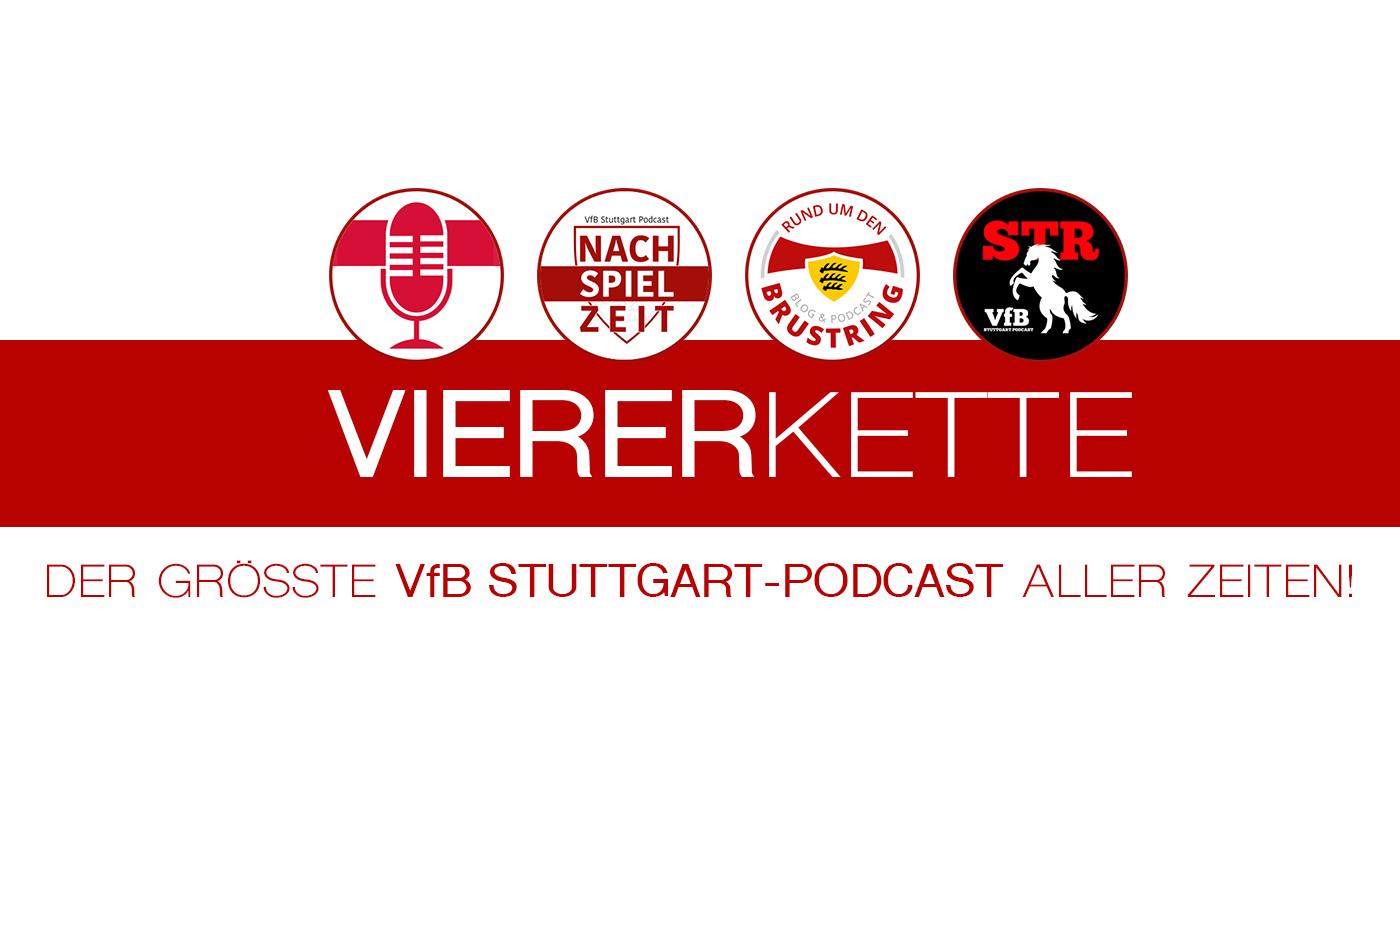 Eure Fragen und Themenwünsche für die VIERERKETTE, den großen Podcast-Hinrundenrückblick